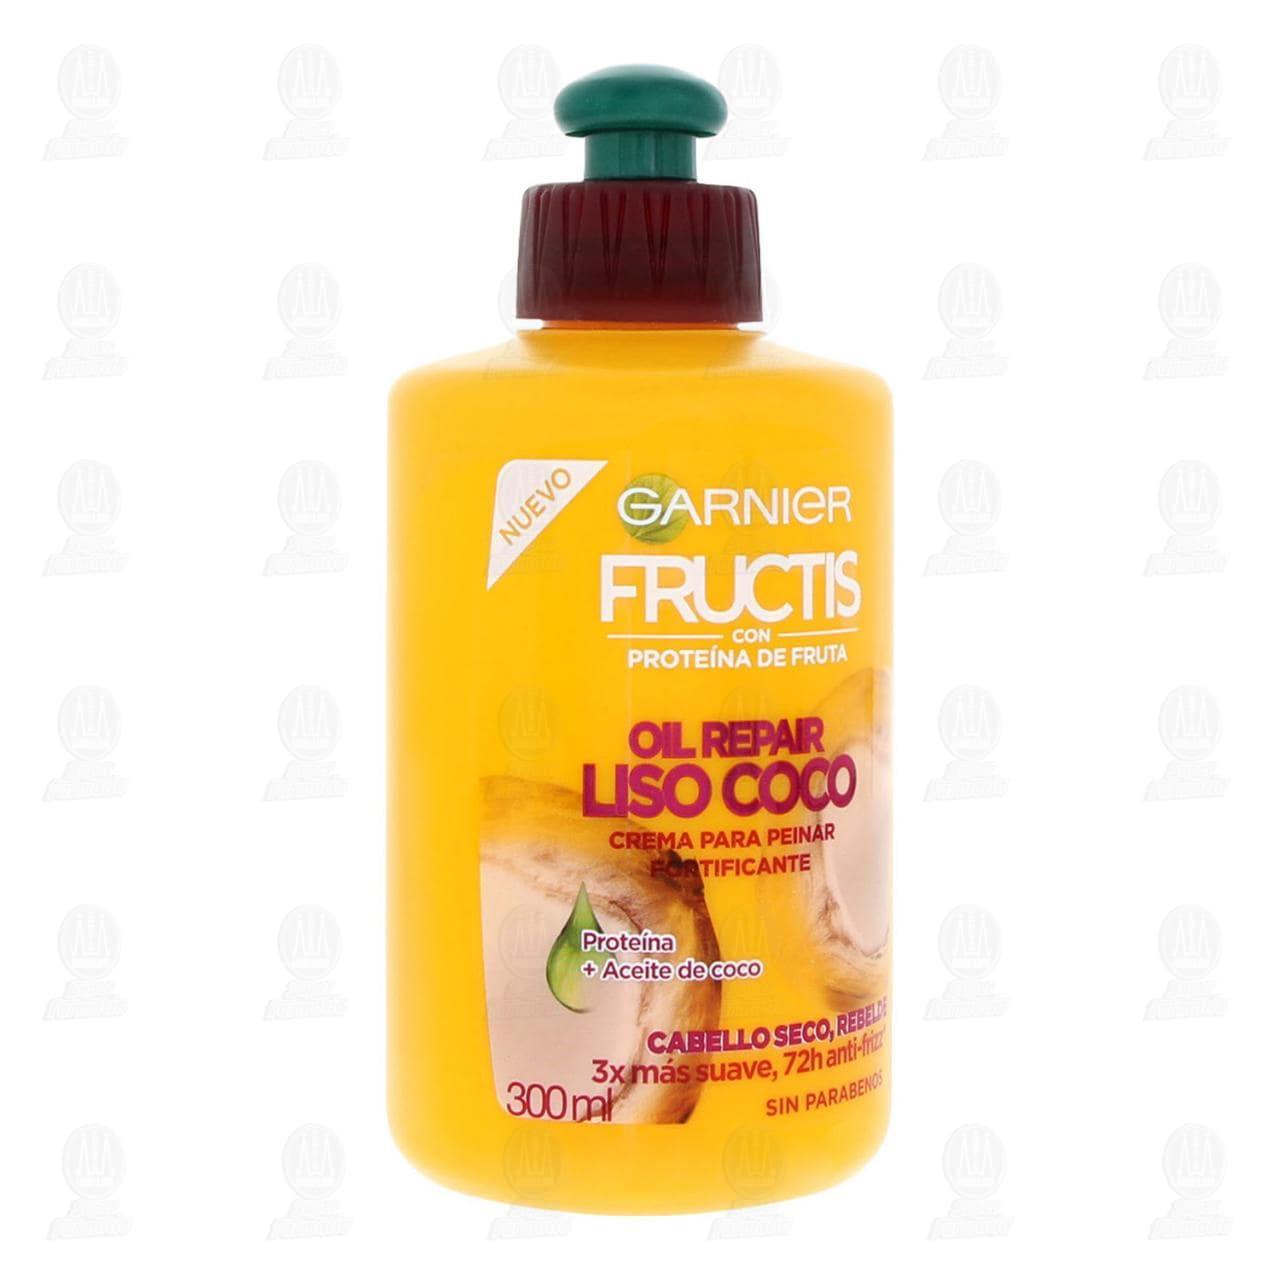 Crema para Peinar Fructis Oil Repair Liso Coco, 300 ml.